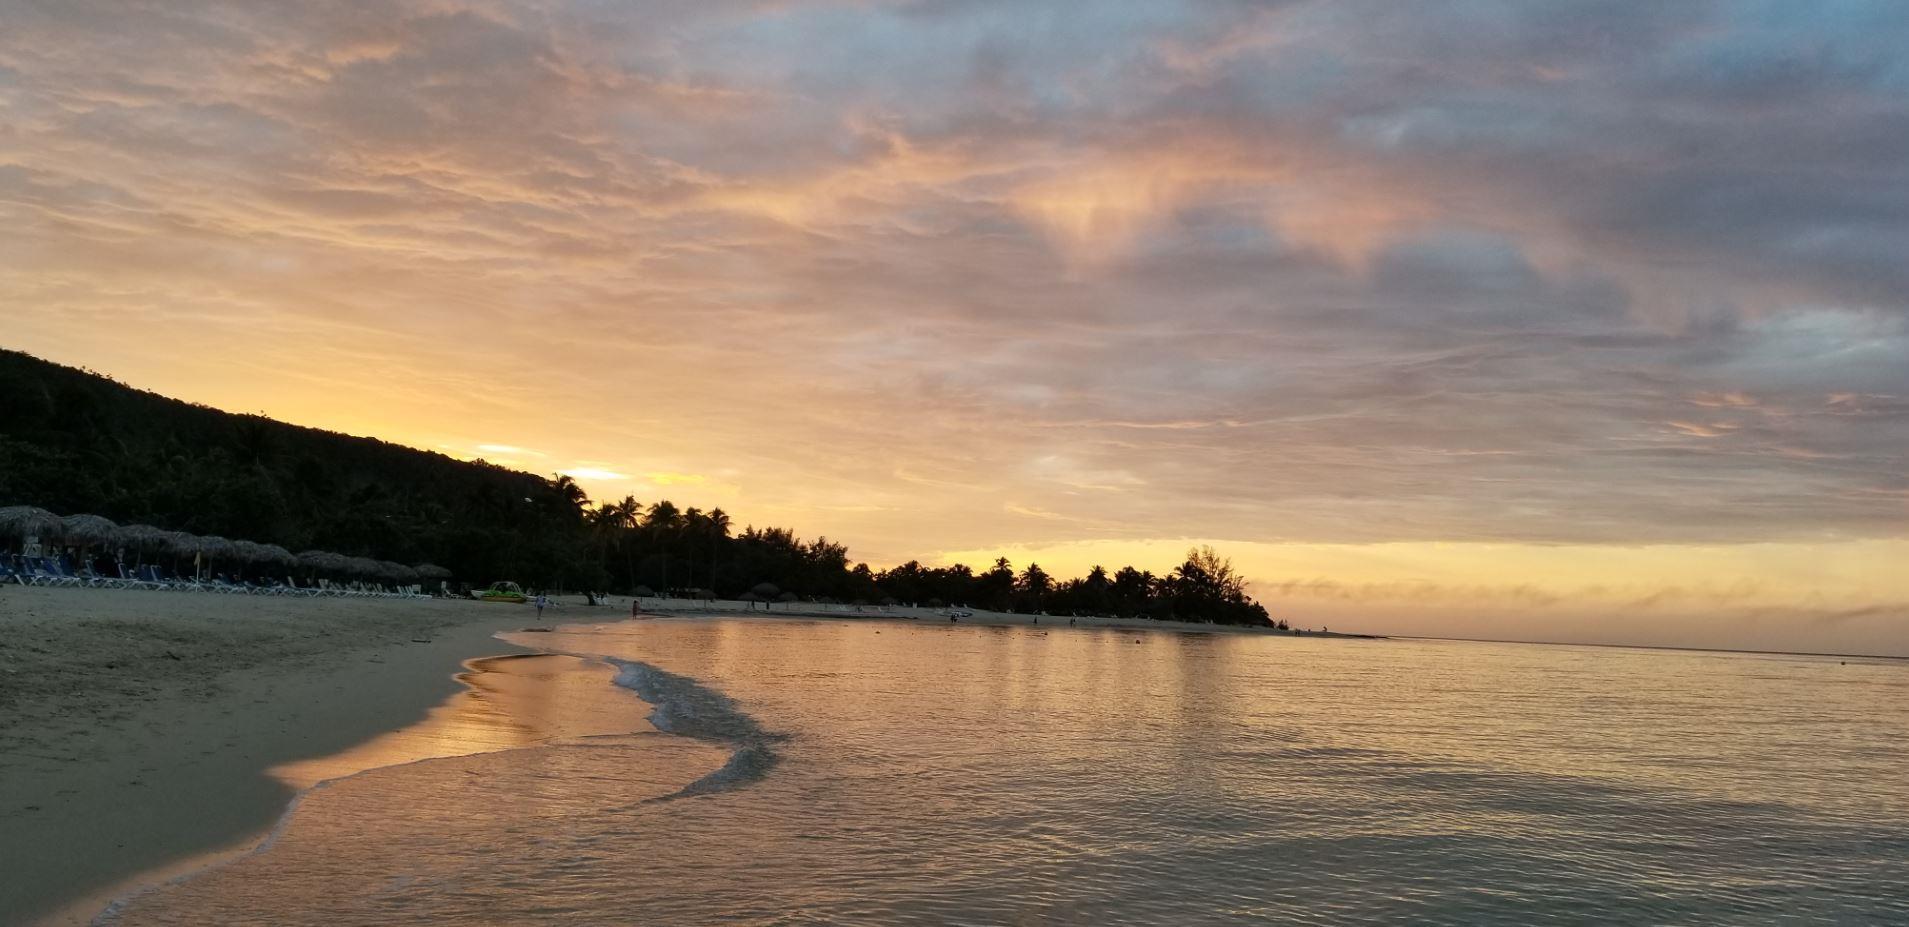 Sunset - Memories Jibacoa, Cuba